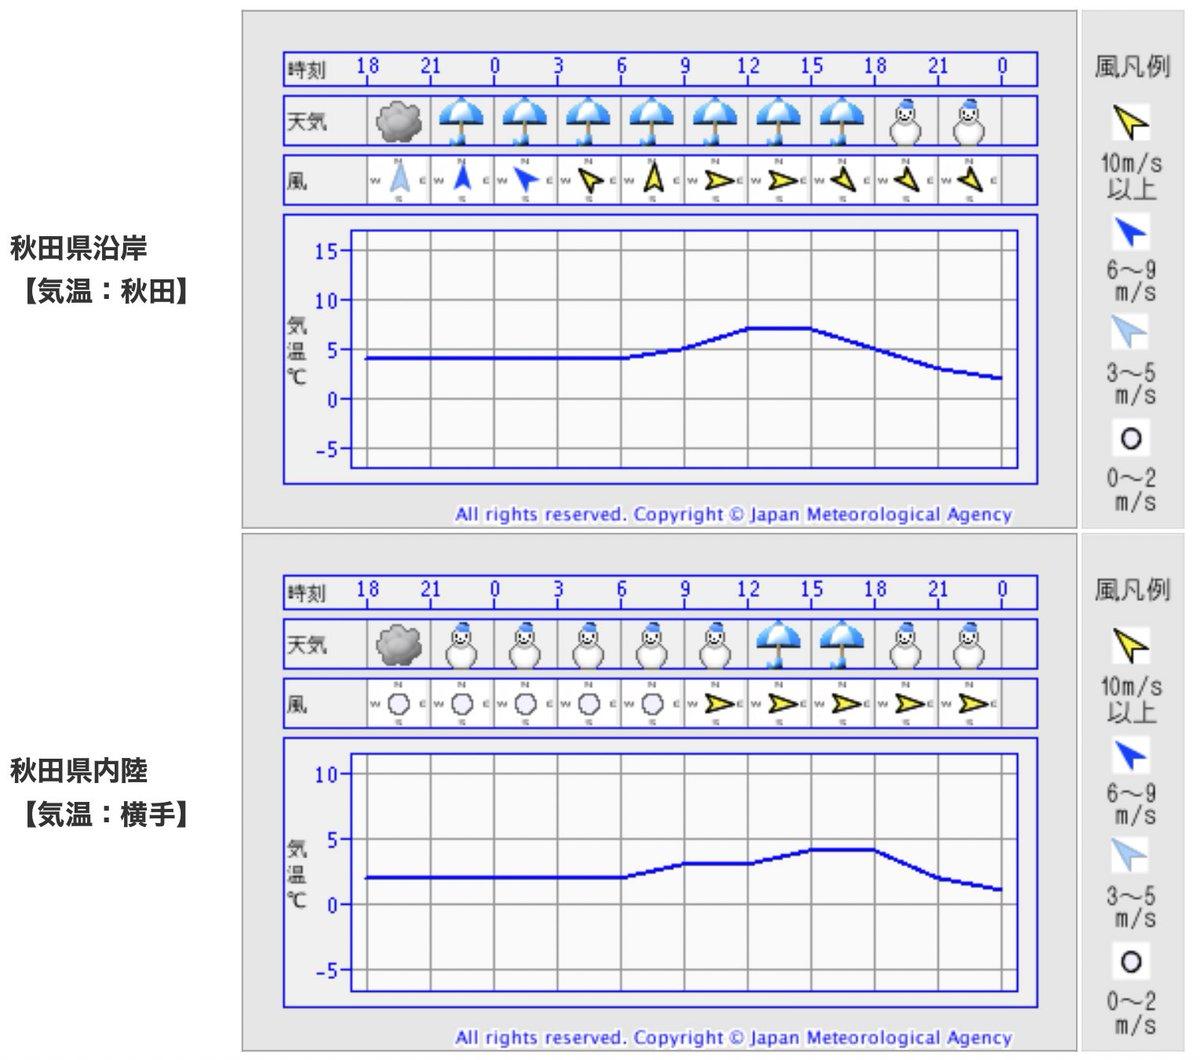 #秋田の天気 12/14土  マークにない⚡️に要注意  あす日中は大気の状態非常に不安定 昼頃は雨雪の降り方が強まり発雷も  停電の恐れもありますので、 スマホの充電、懐中電灯の用意など、念のため  風もだんだん強まります。 夜ほど寒くなりそうです。